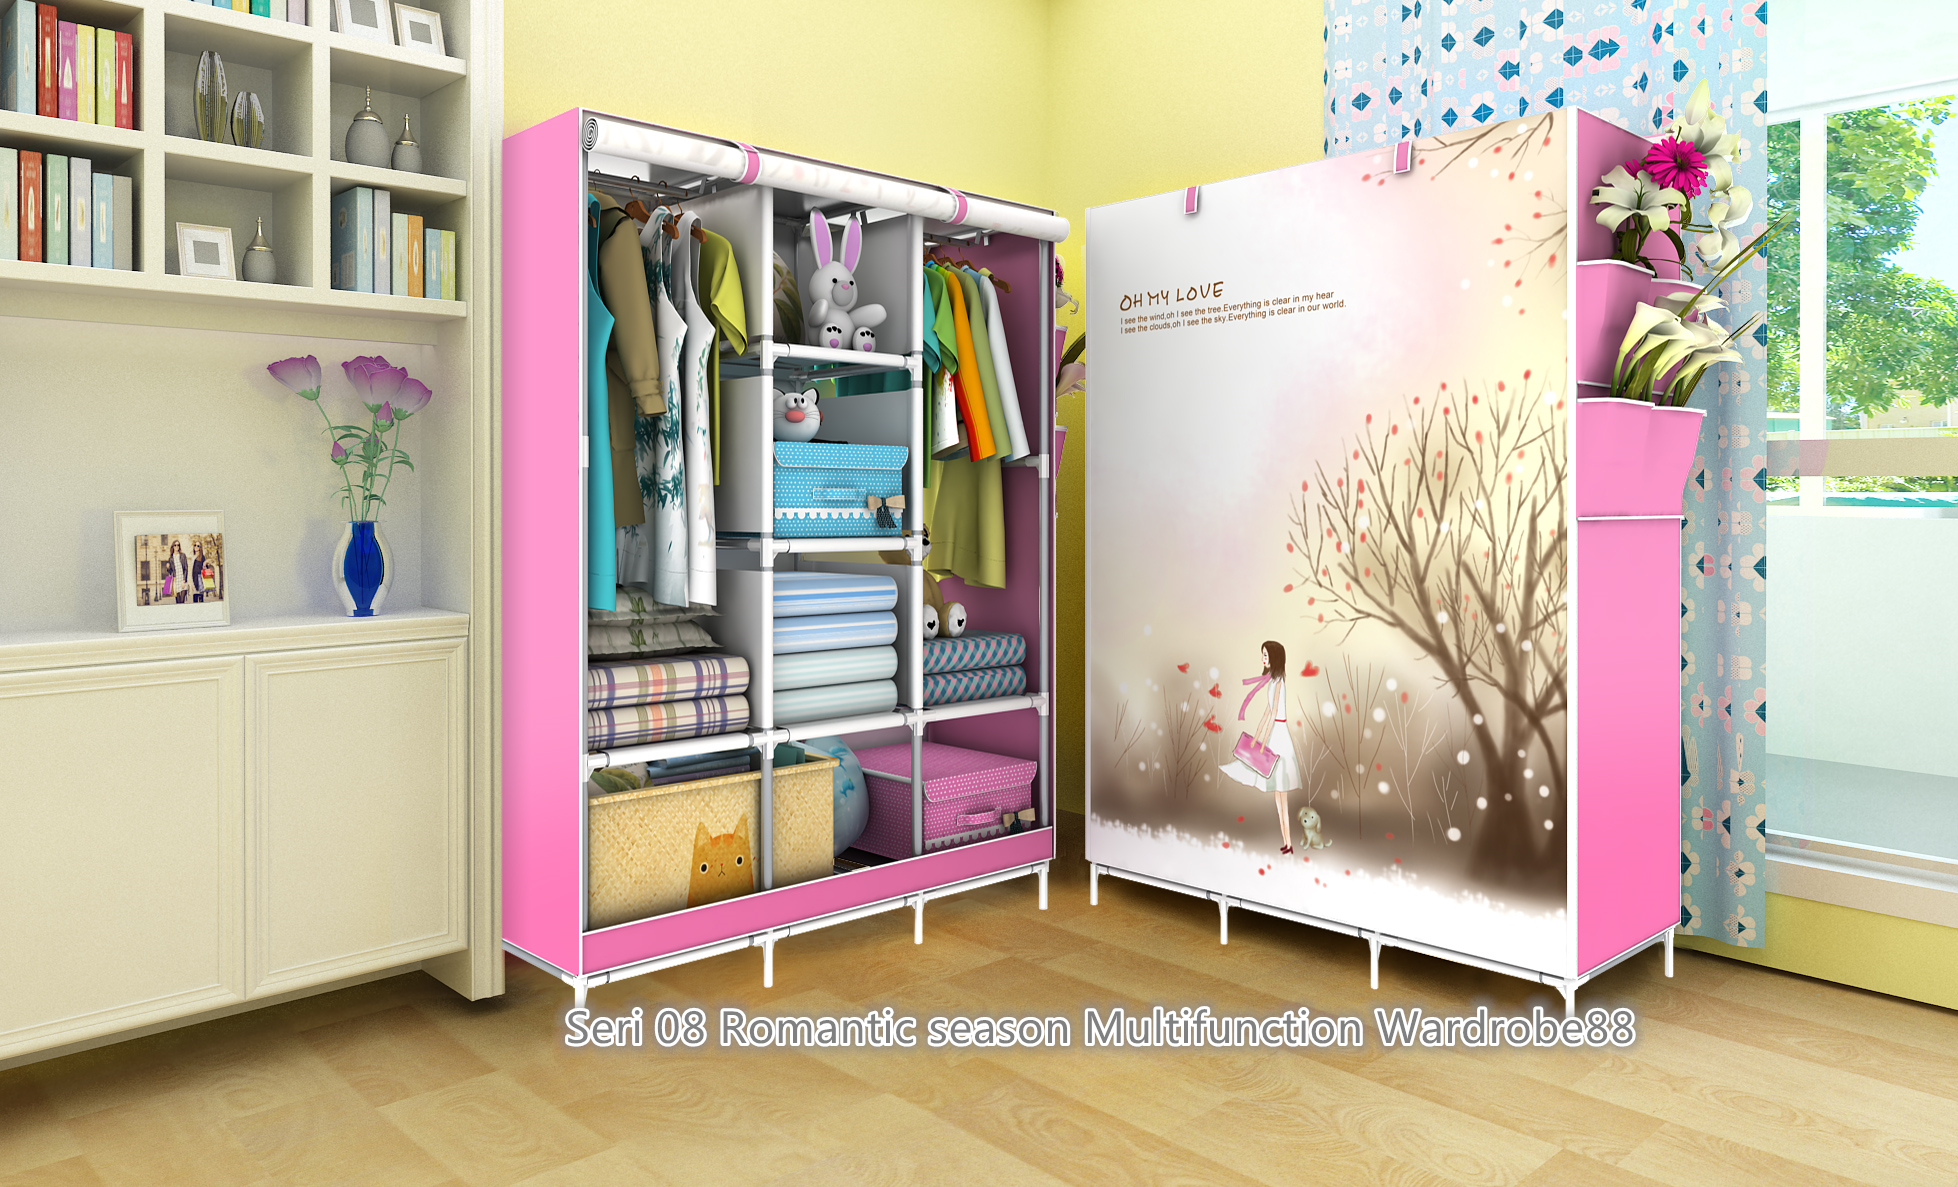 cover my furniture. Jual 08 ROMANTIC SEASON Lemari Pakaian Multifunction Wardrobe With Cover - Laris_88 Computer | Tokopedia My Furniture